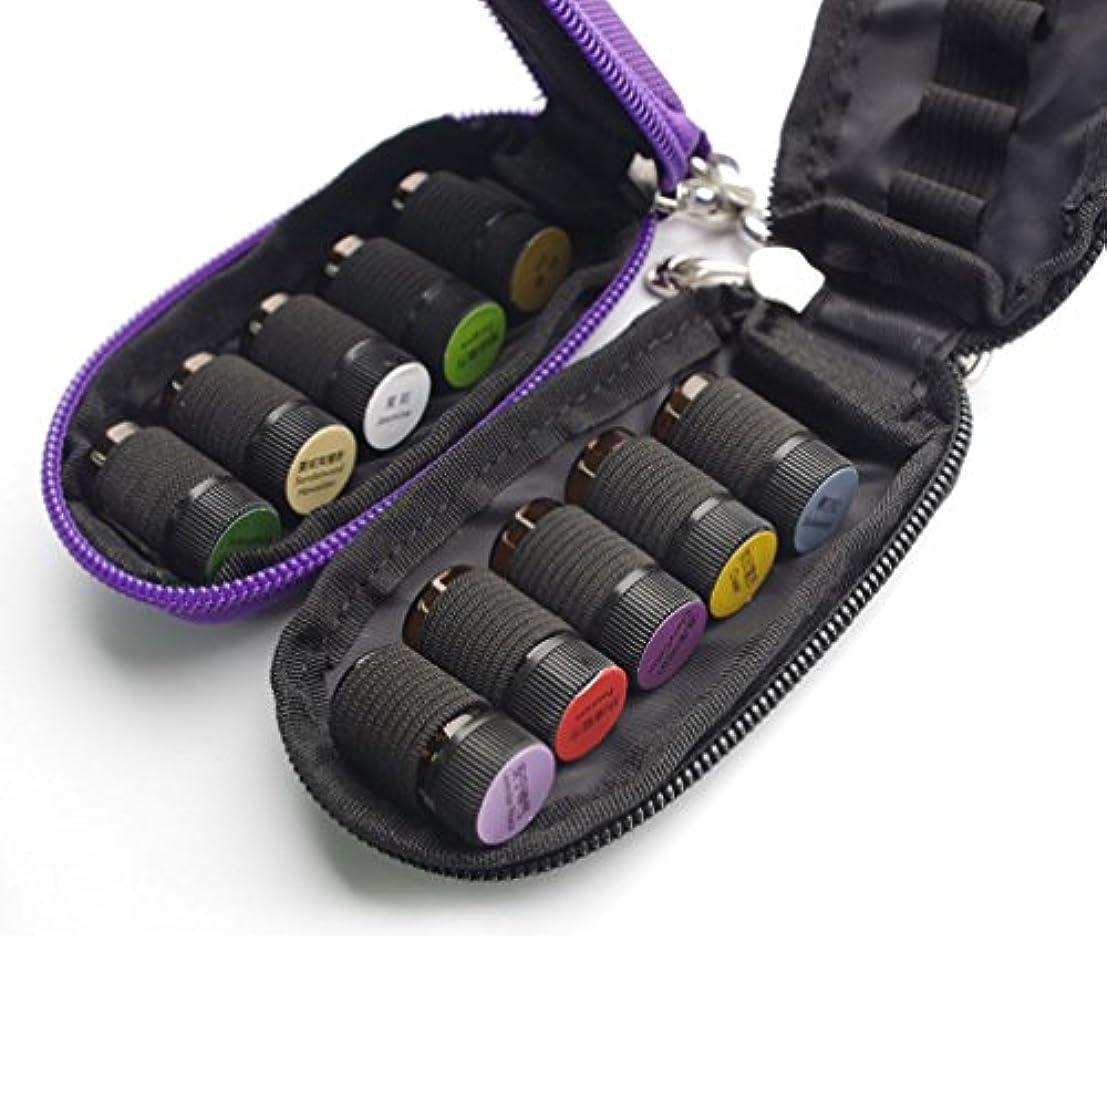 適性ラウンジスティックBEE&BLUE アロマポーチ エッセンシャルオイル ケース 携帯用 アロマケース メイクポーチ 精油ケース 10本用